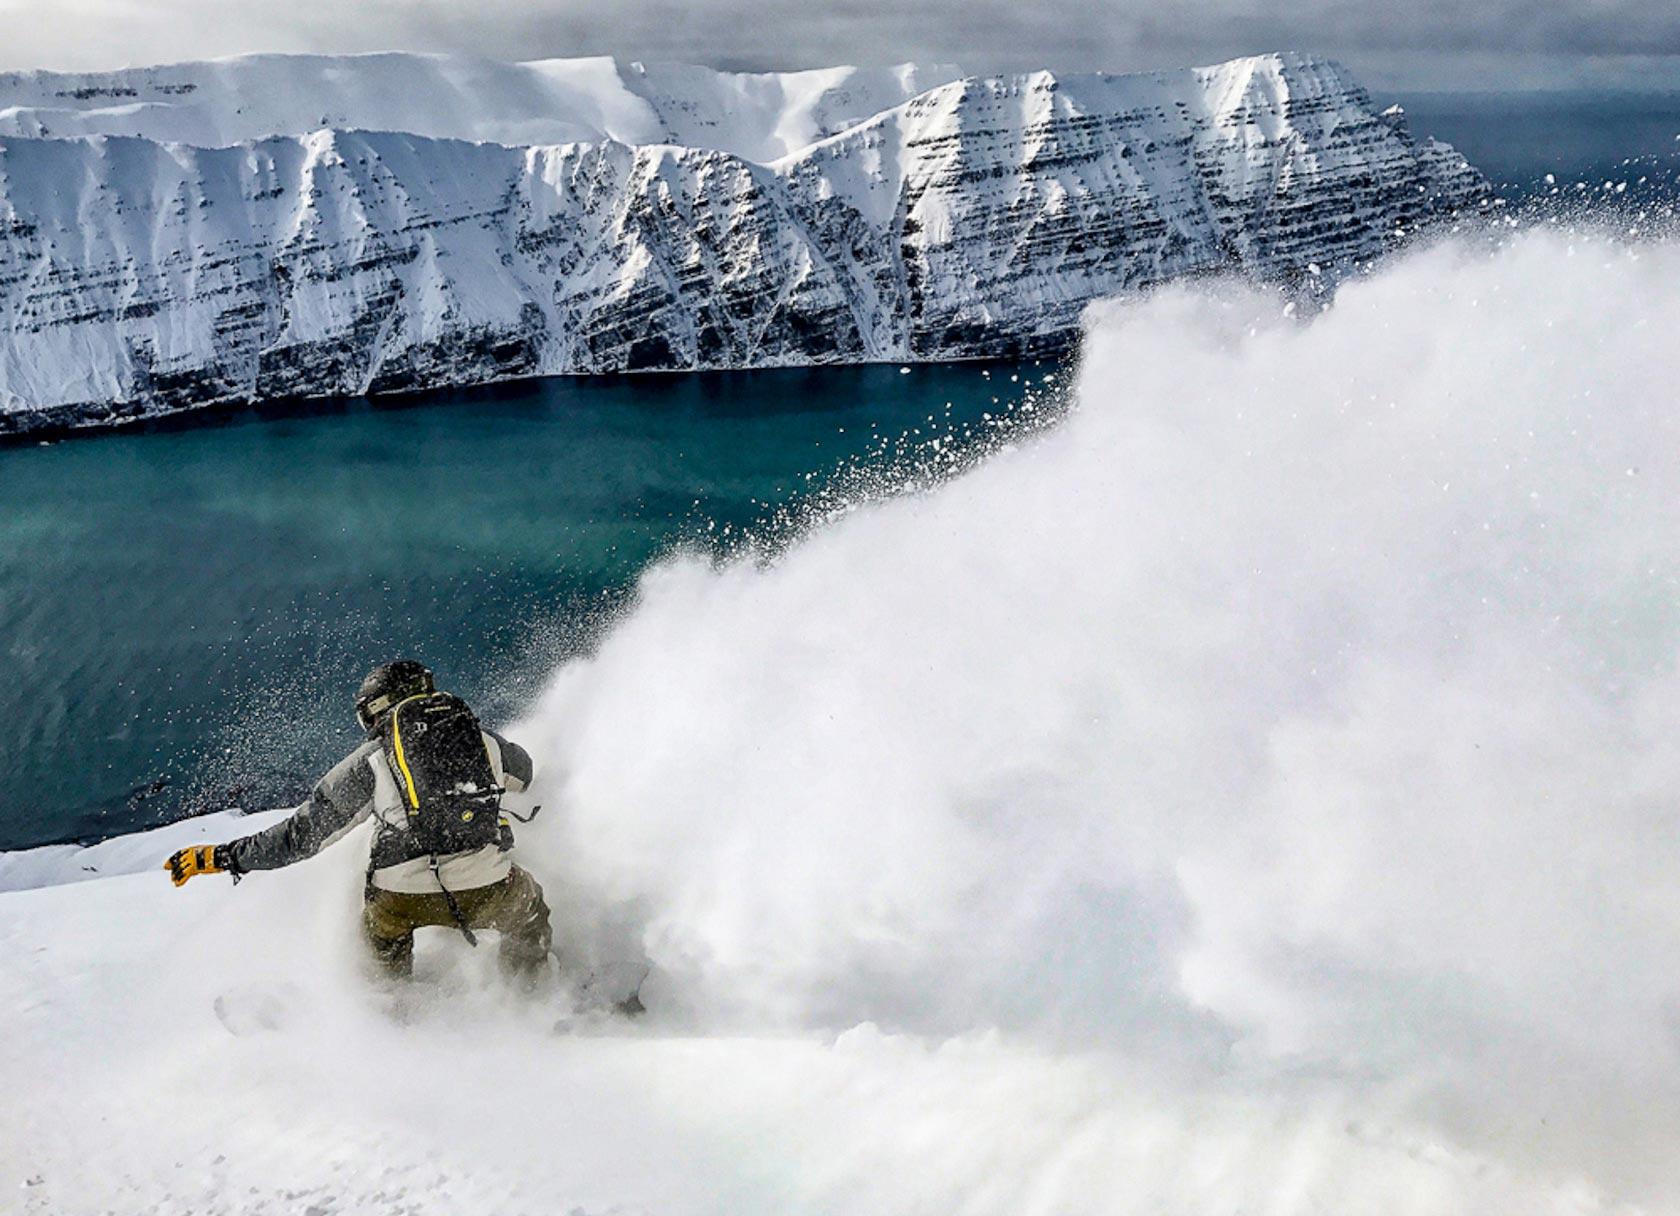 heli-skiing iceland